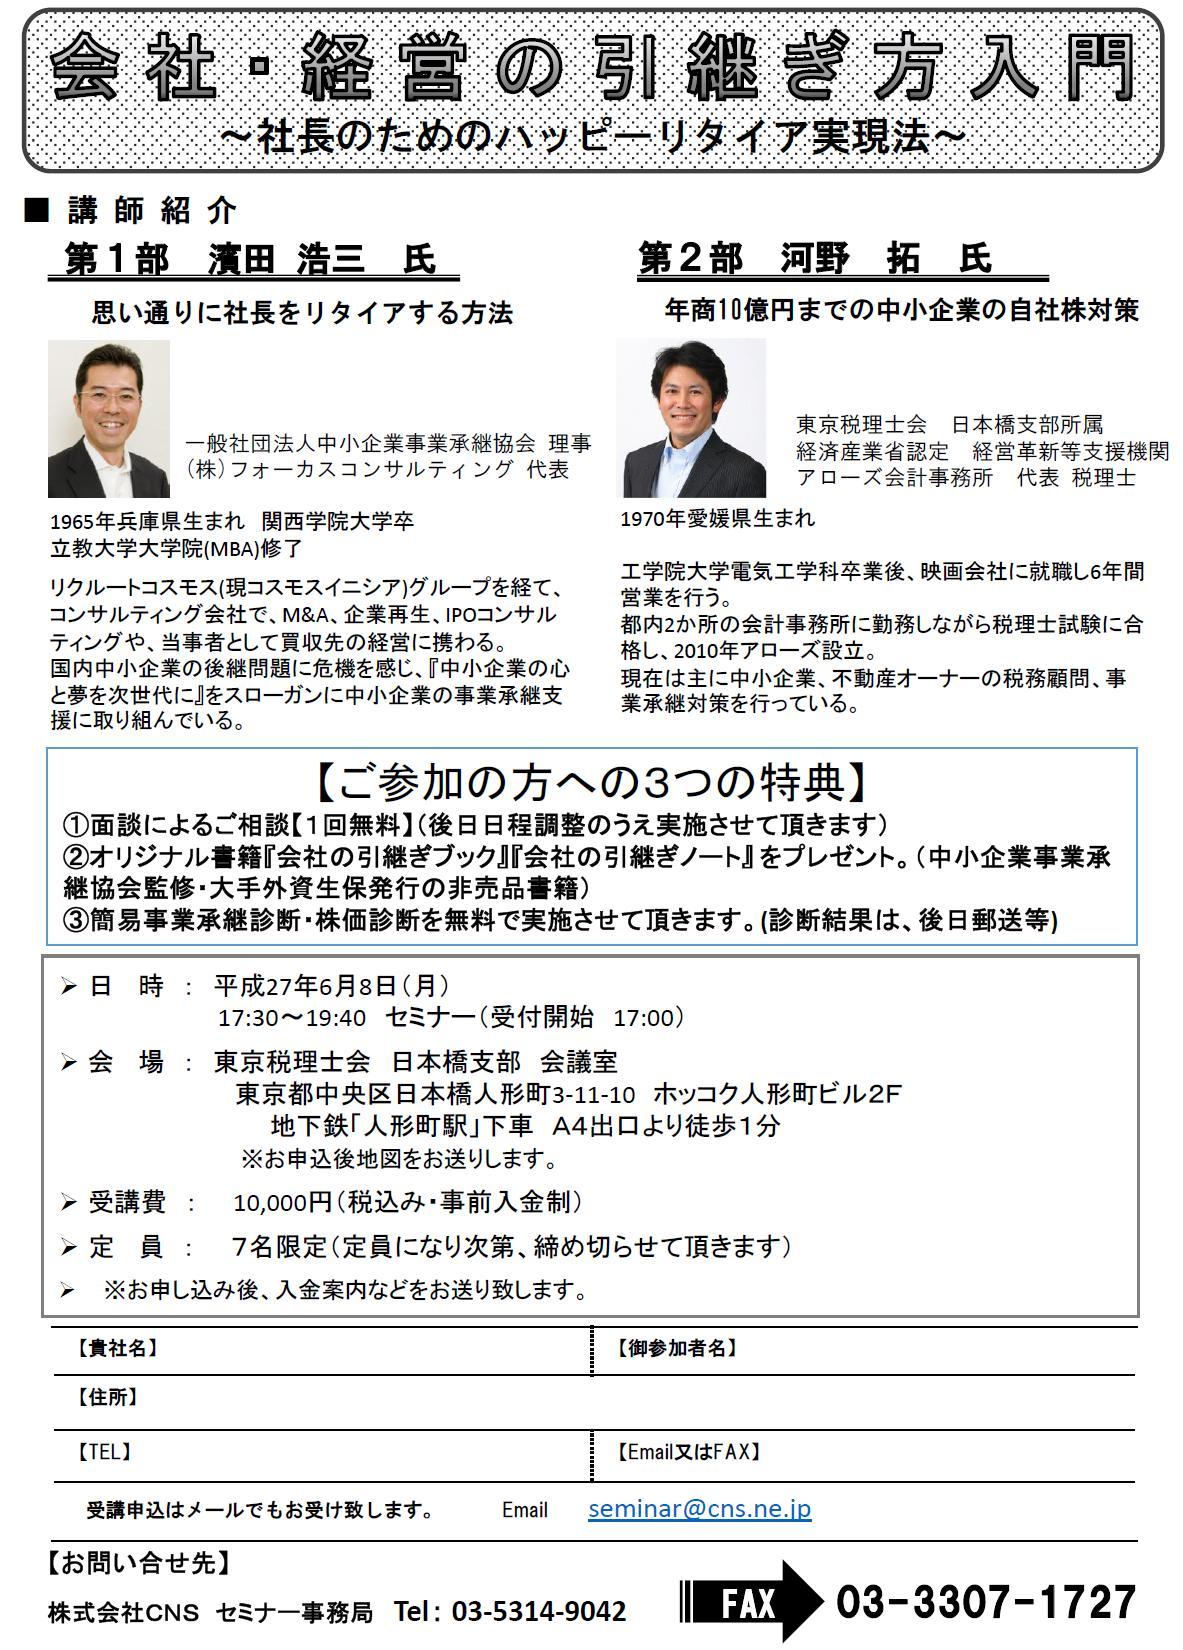 6月8日(月)『会社・経営の引継ぎ方入門』セミナー開催します!!!